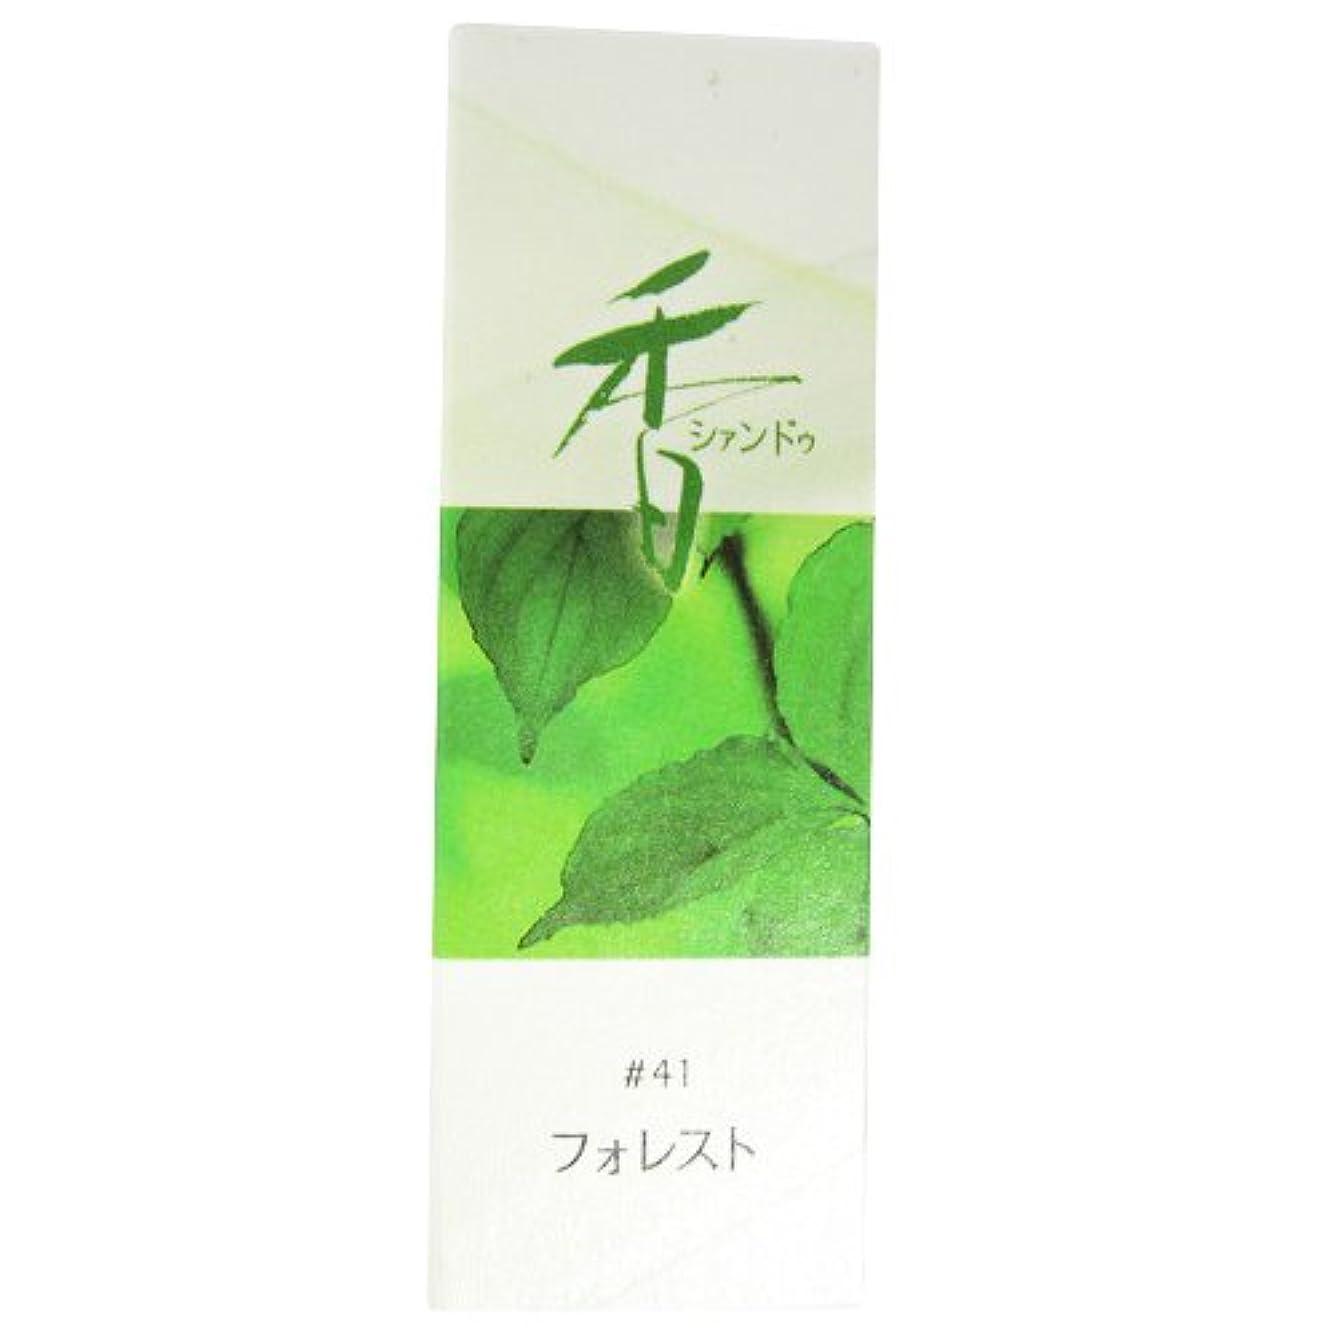 克服する一回絶壁松栄堂のお香 Xiang Do フォレスト ST20本入 簡易香立付 #214241